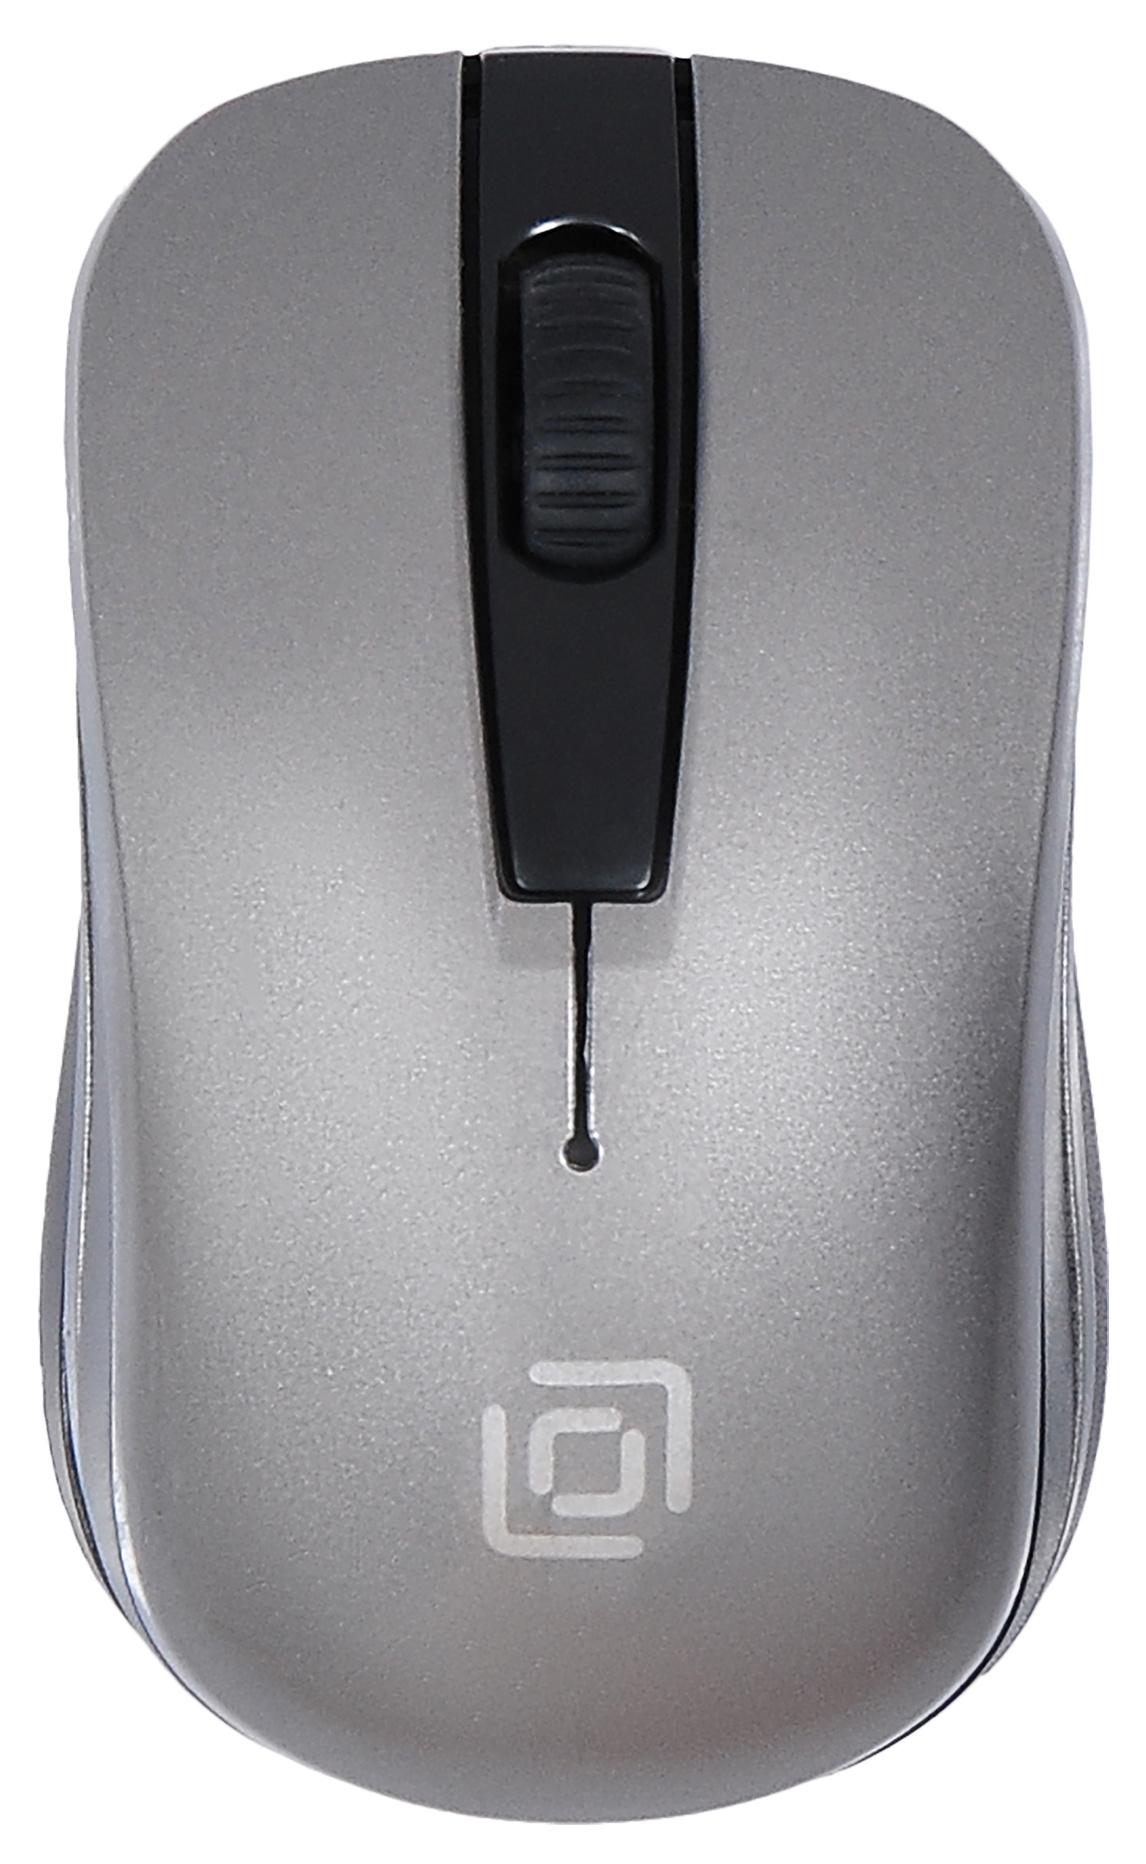 Мышь Oklick 445MW черный/серый оптическая (1200dpi) беспроводная USB (2but)